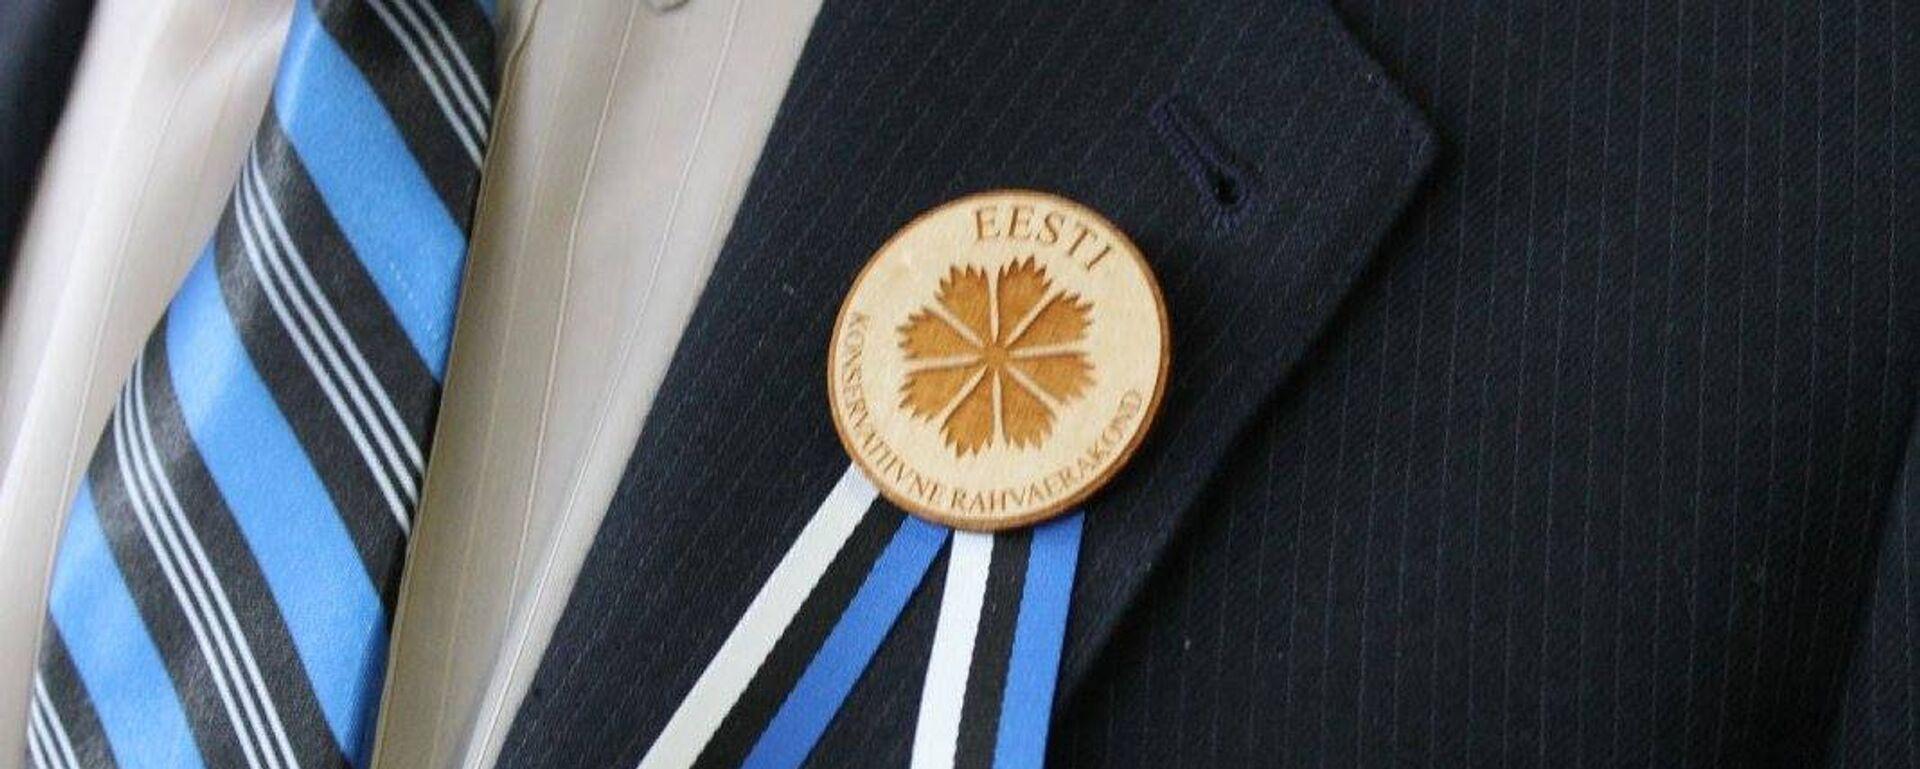 Значок с символикой Консервативной партии Эстонии (EKRE) - Sputnik Латвия, 1920, 04.04.2019